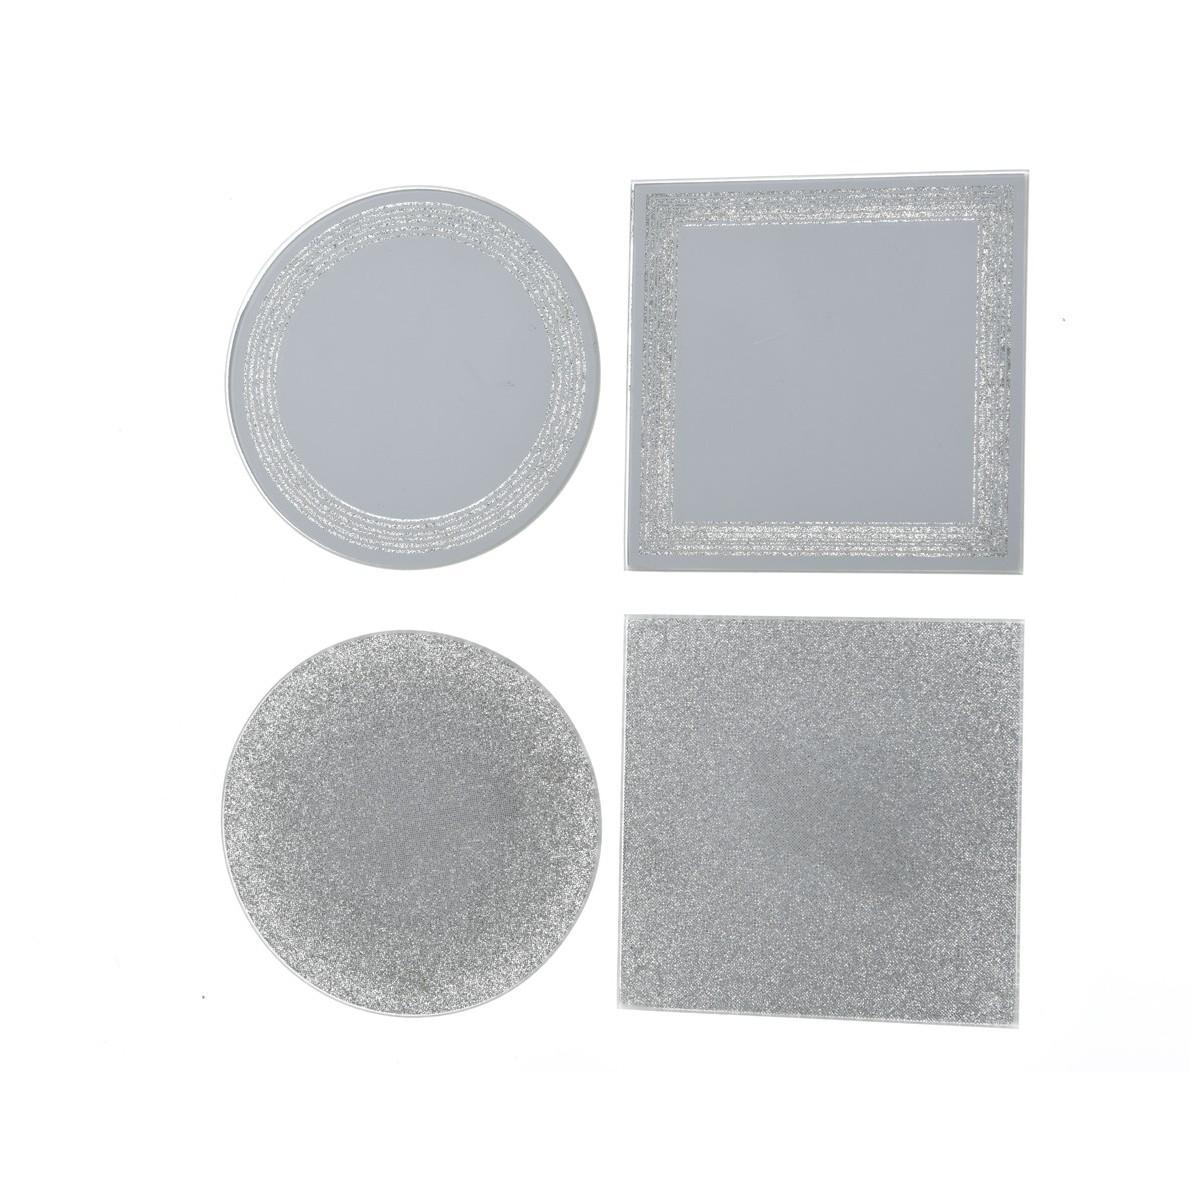 Piatto Mirror Bordo Argento cm 10